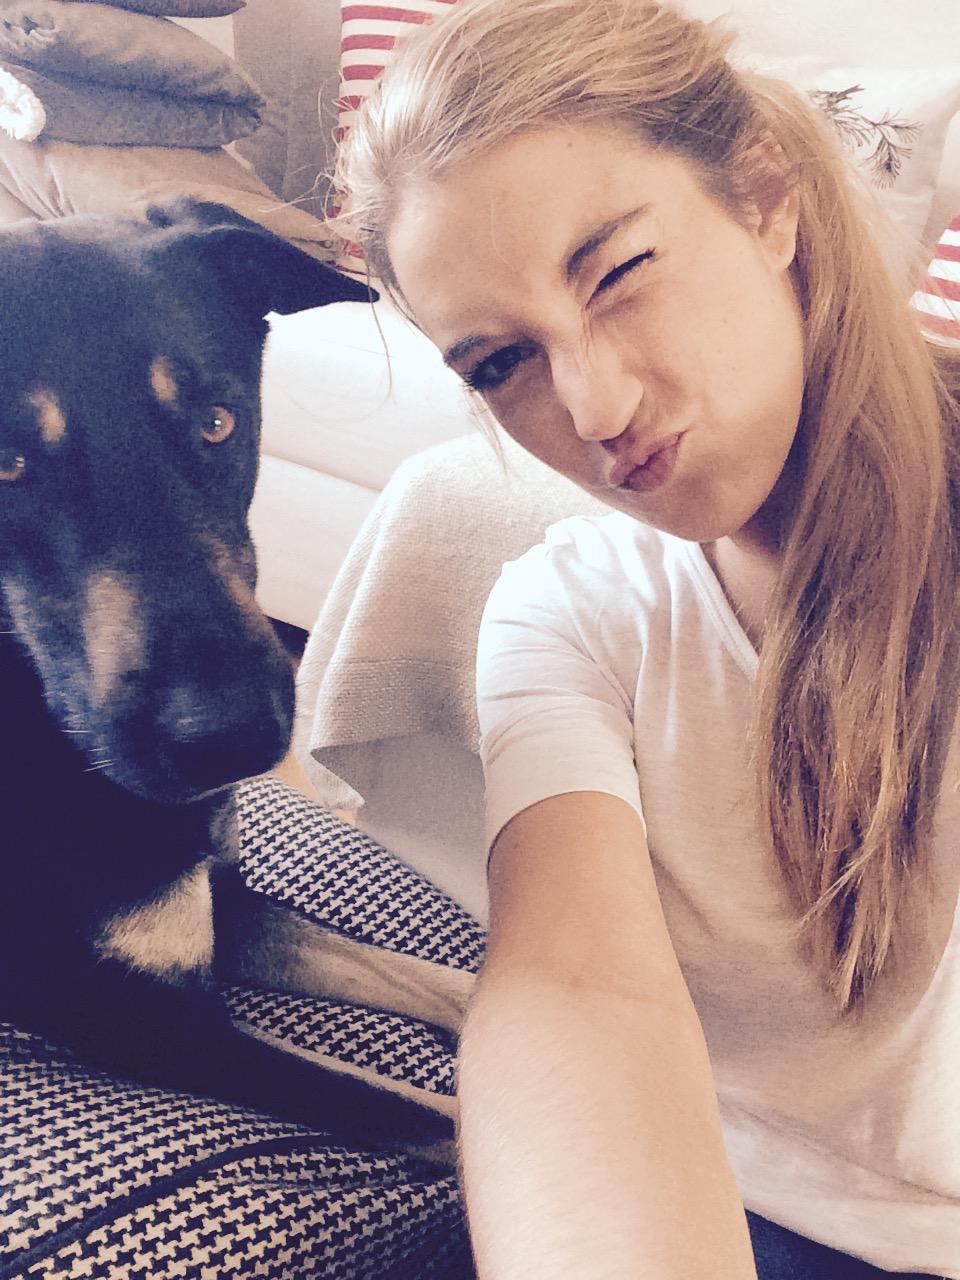 Der tollste und schönste Hund der Welt!